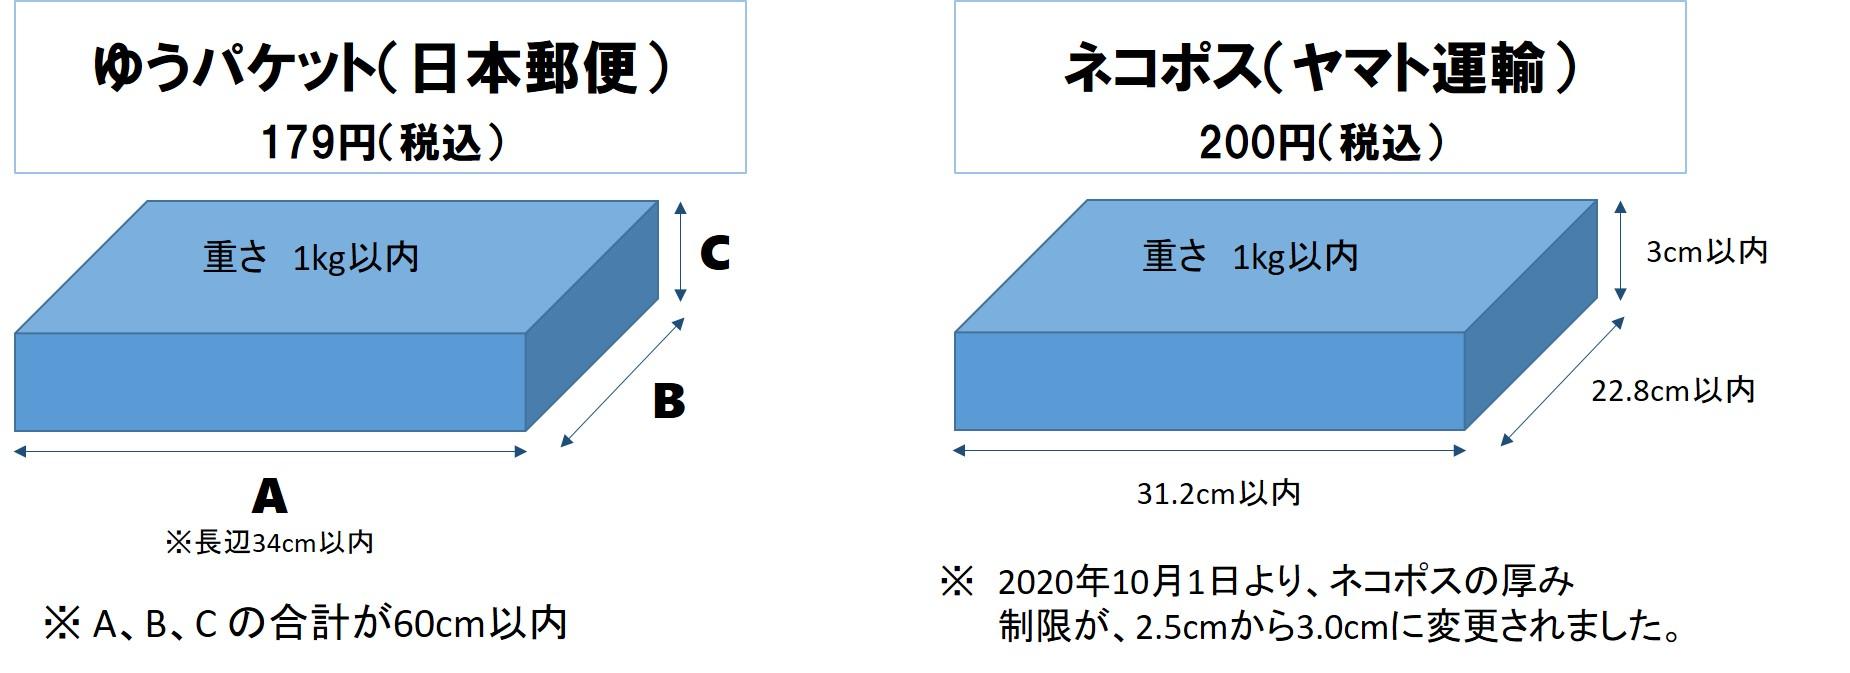 ゆうパケット(日本郵便)、ネコポス(ヤマト運輸)のサイズ比較